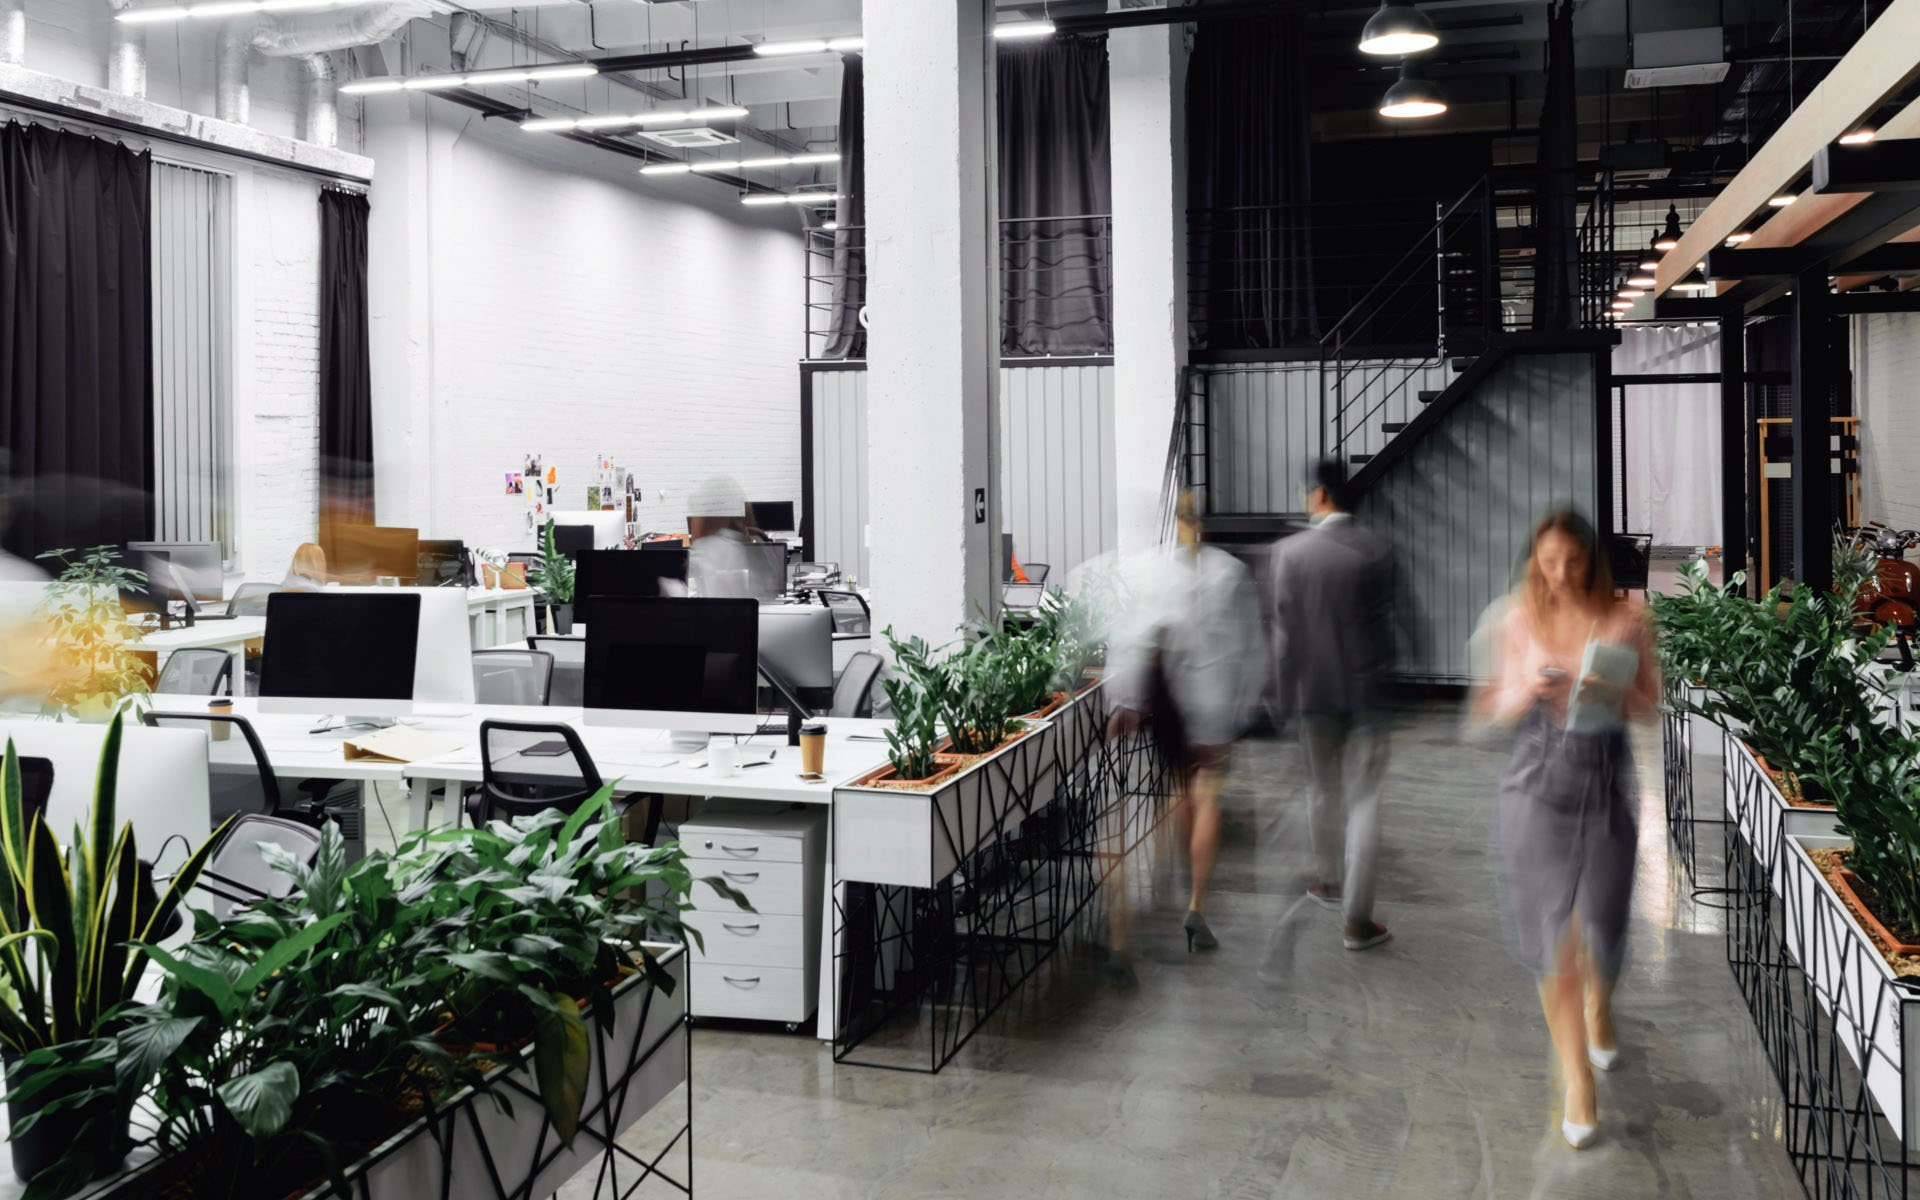 Vos activités décollent ? Déménagez vos bureaux pour un local plus grand avec JeVide.fr